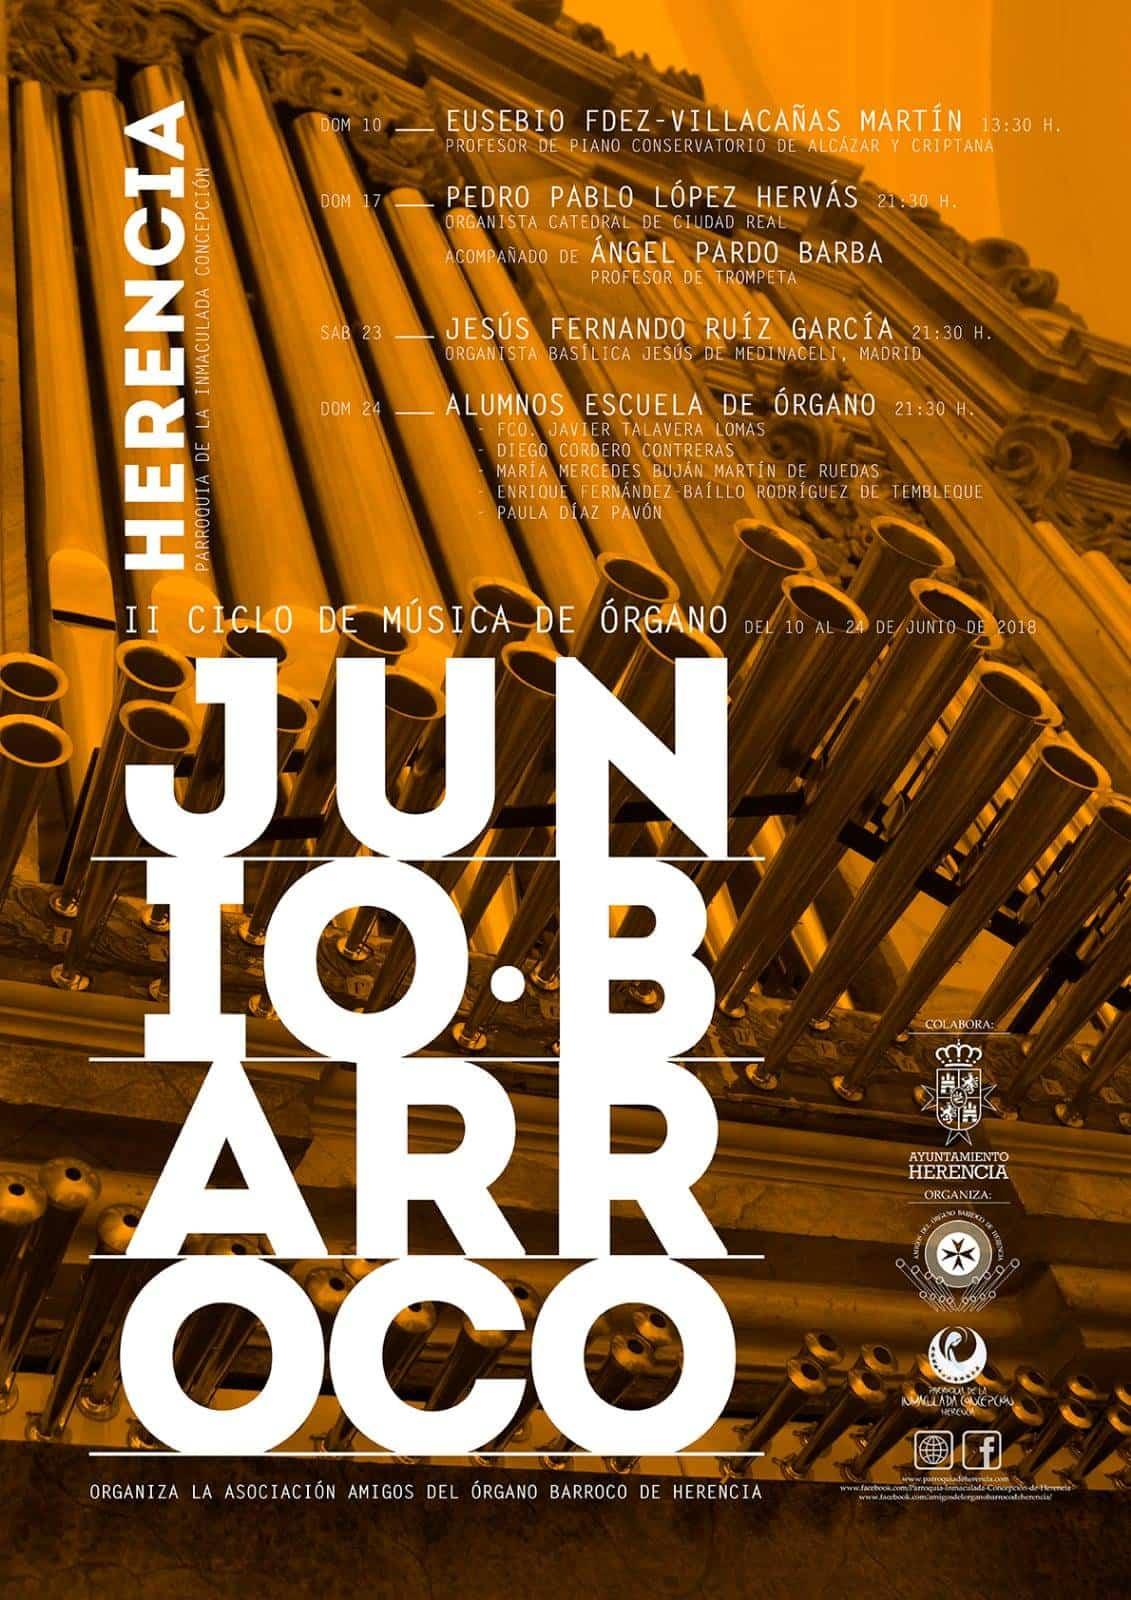 Junio Barroco 2018 organo barroco herencia - Herencia acoge su segundo ciclo de música de órgano barroco durante el mes de junio